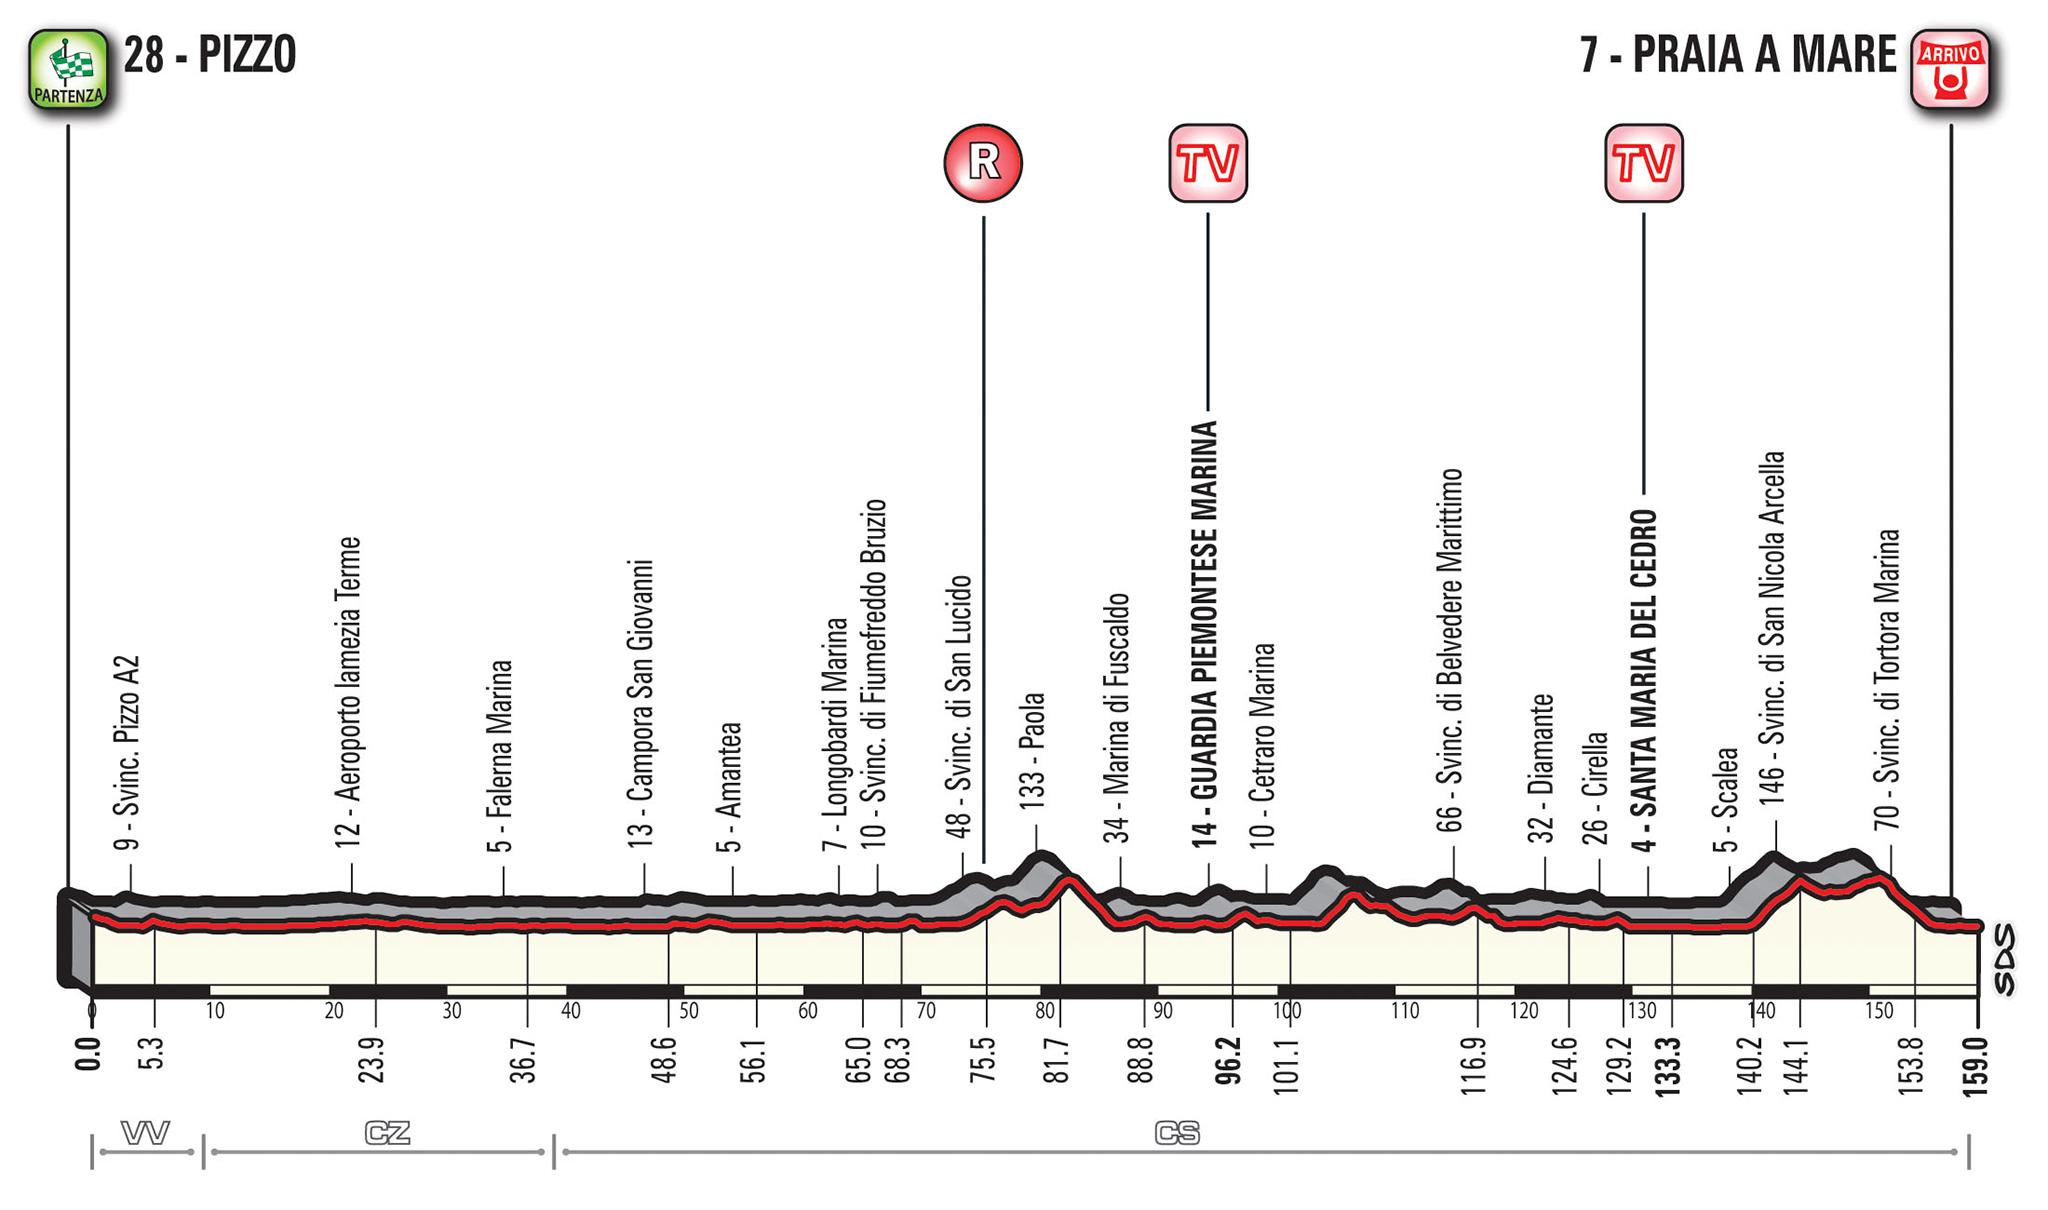 Giro d'Italia 7e etappe